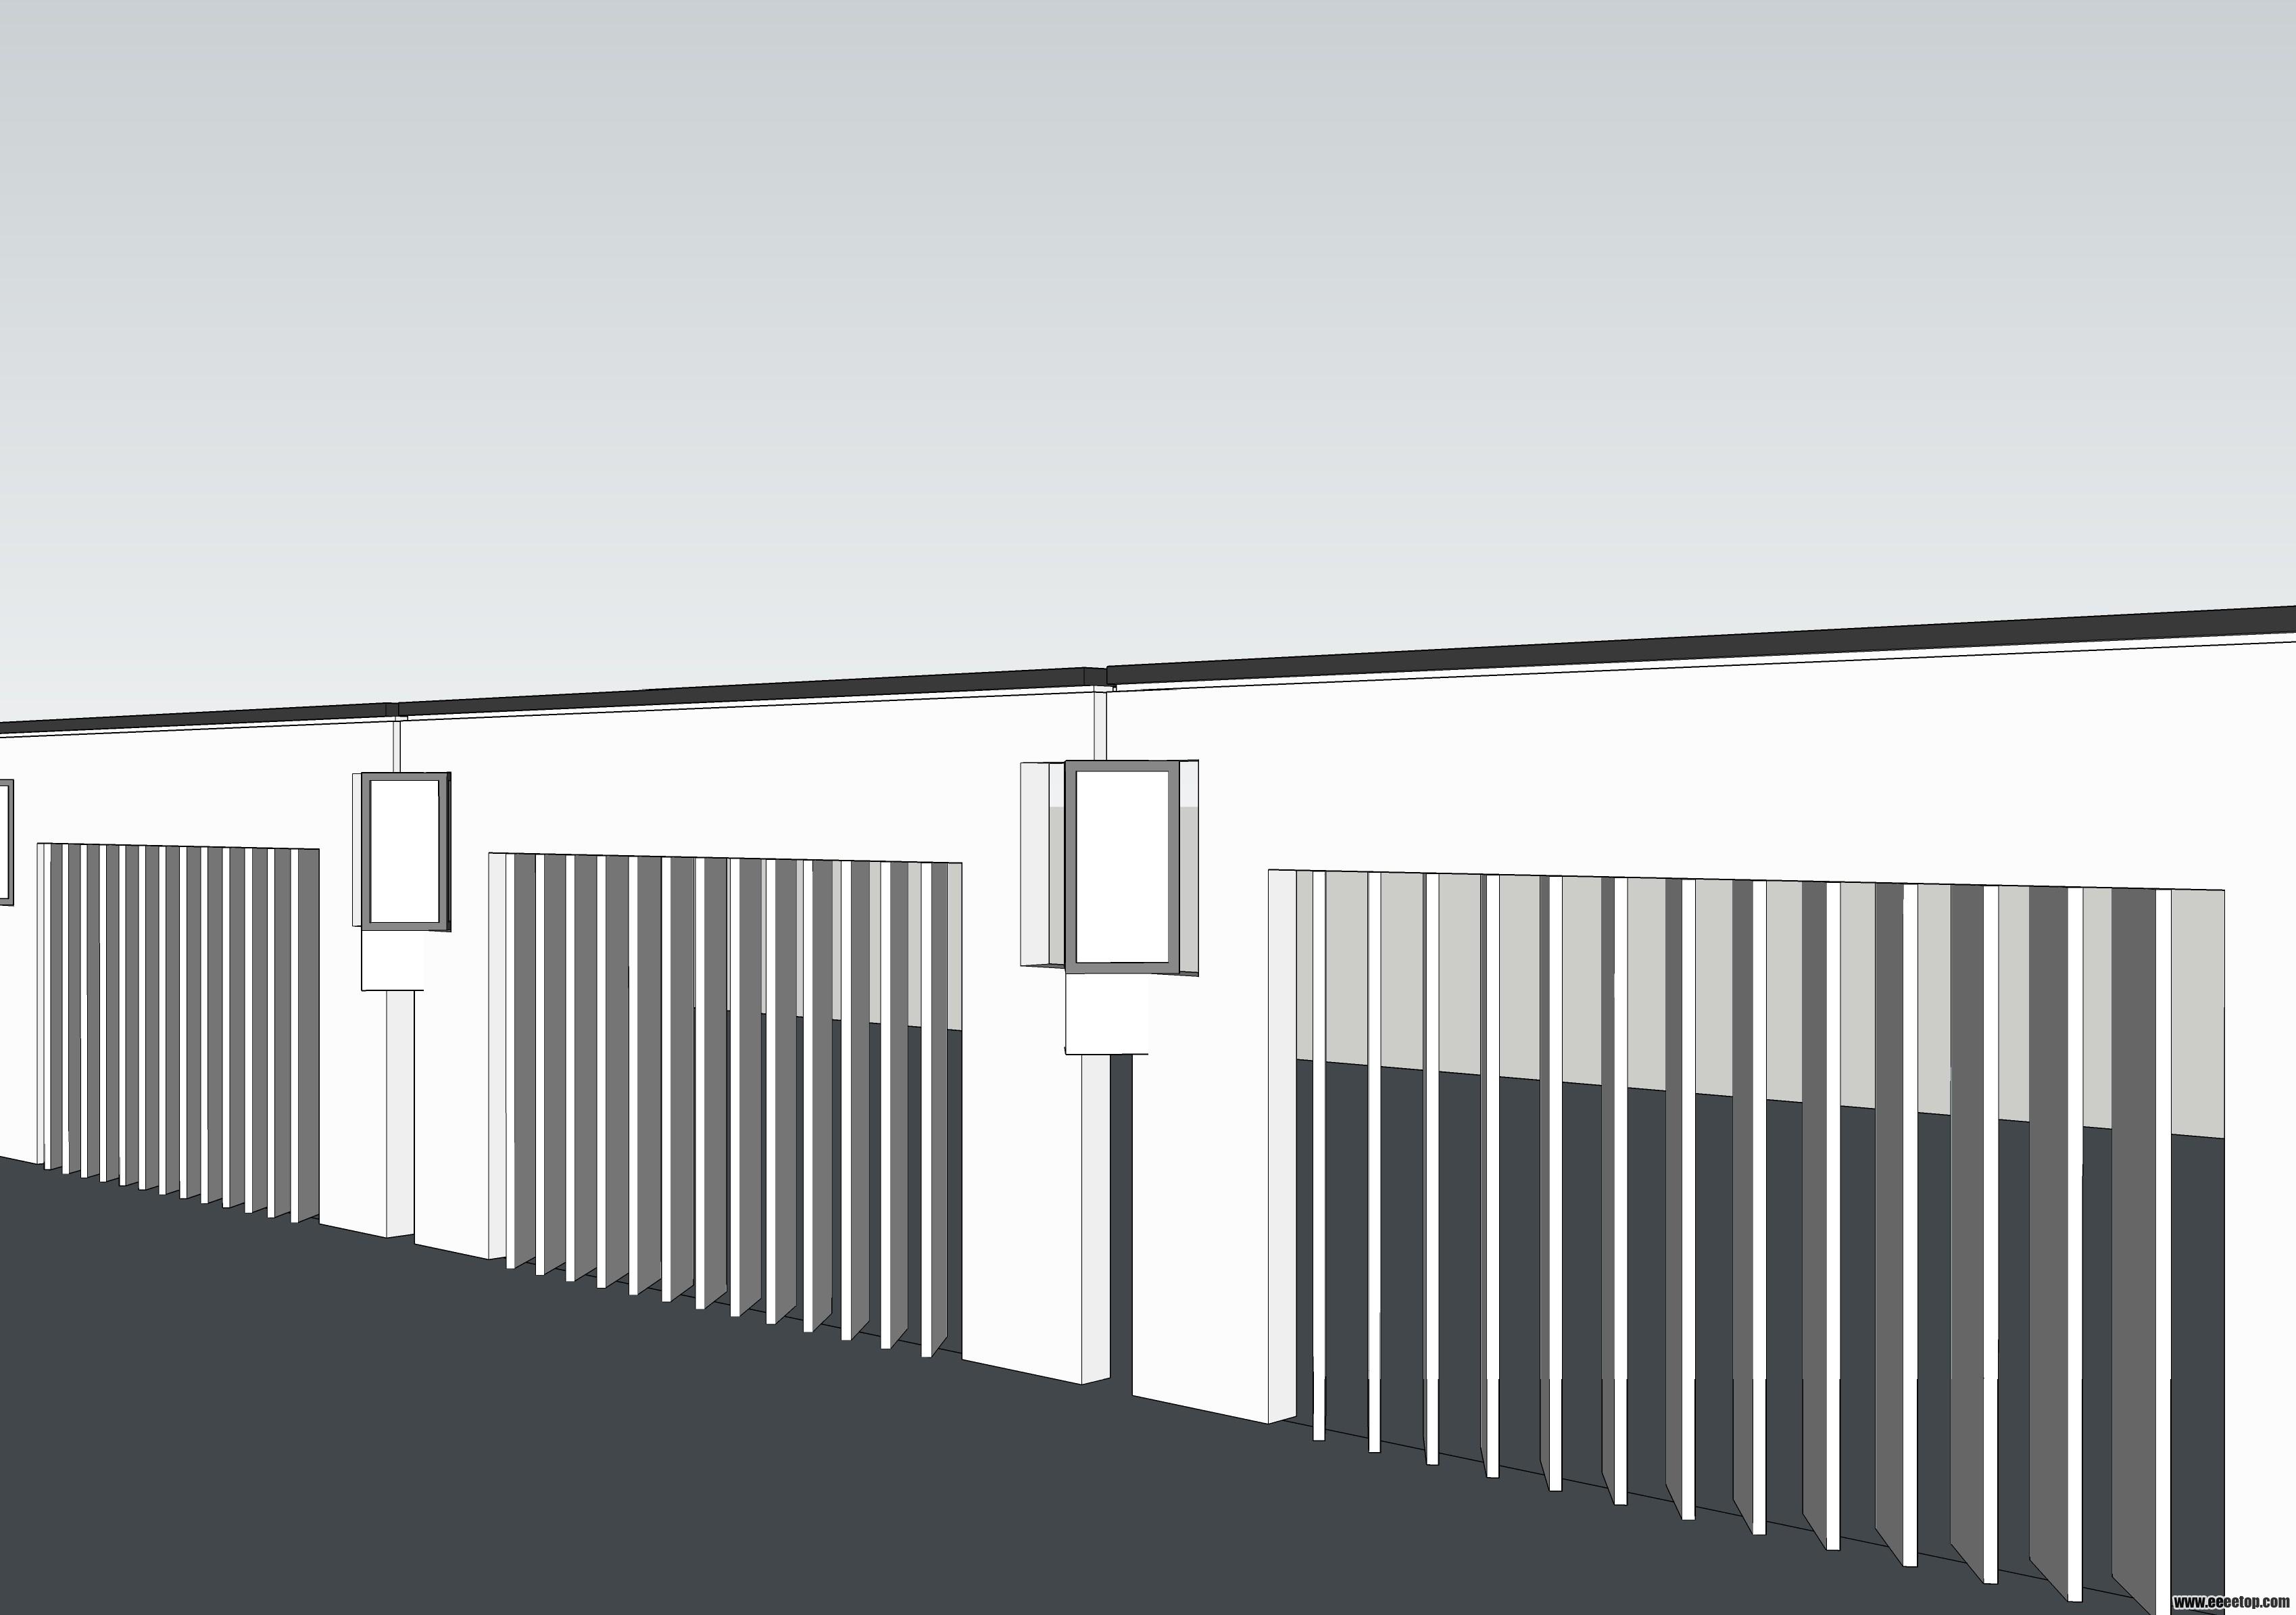 2013年幼儿园围墙图片